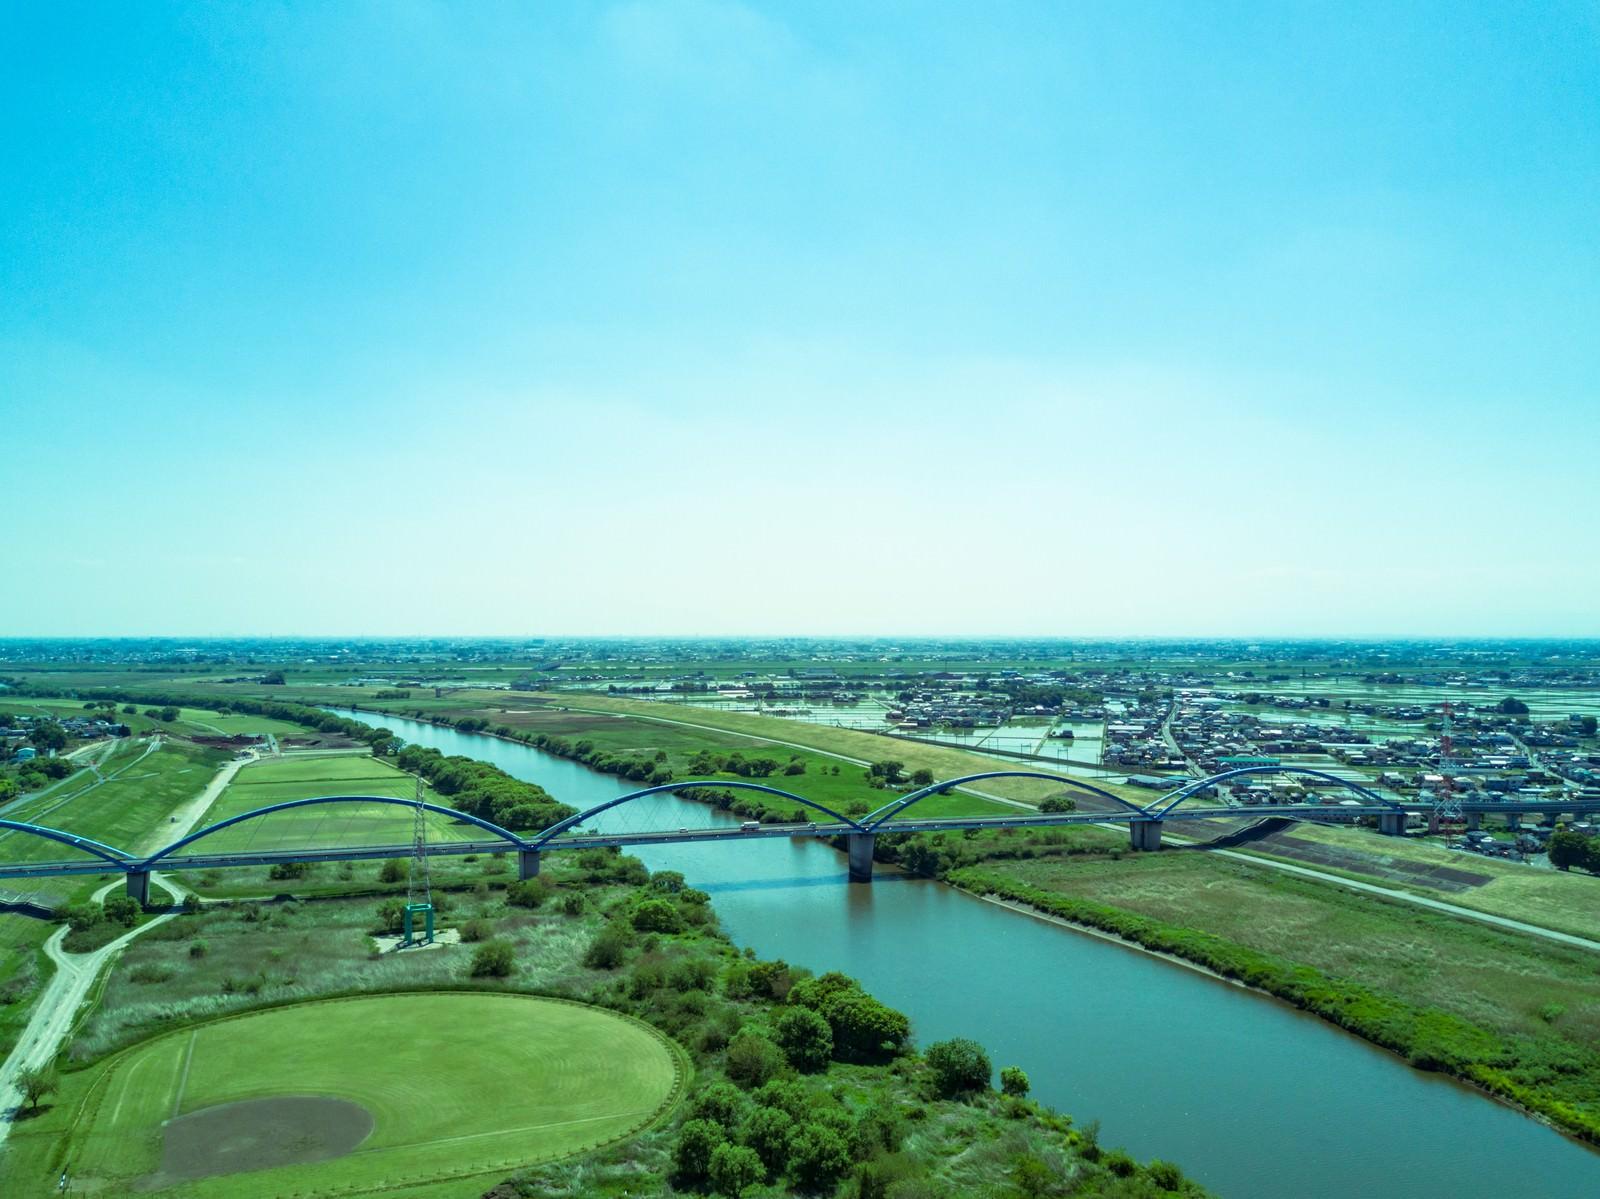 「渡良瀬川と街並み(空撮)」の写真